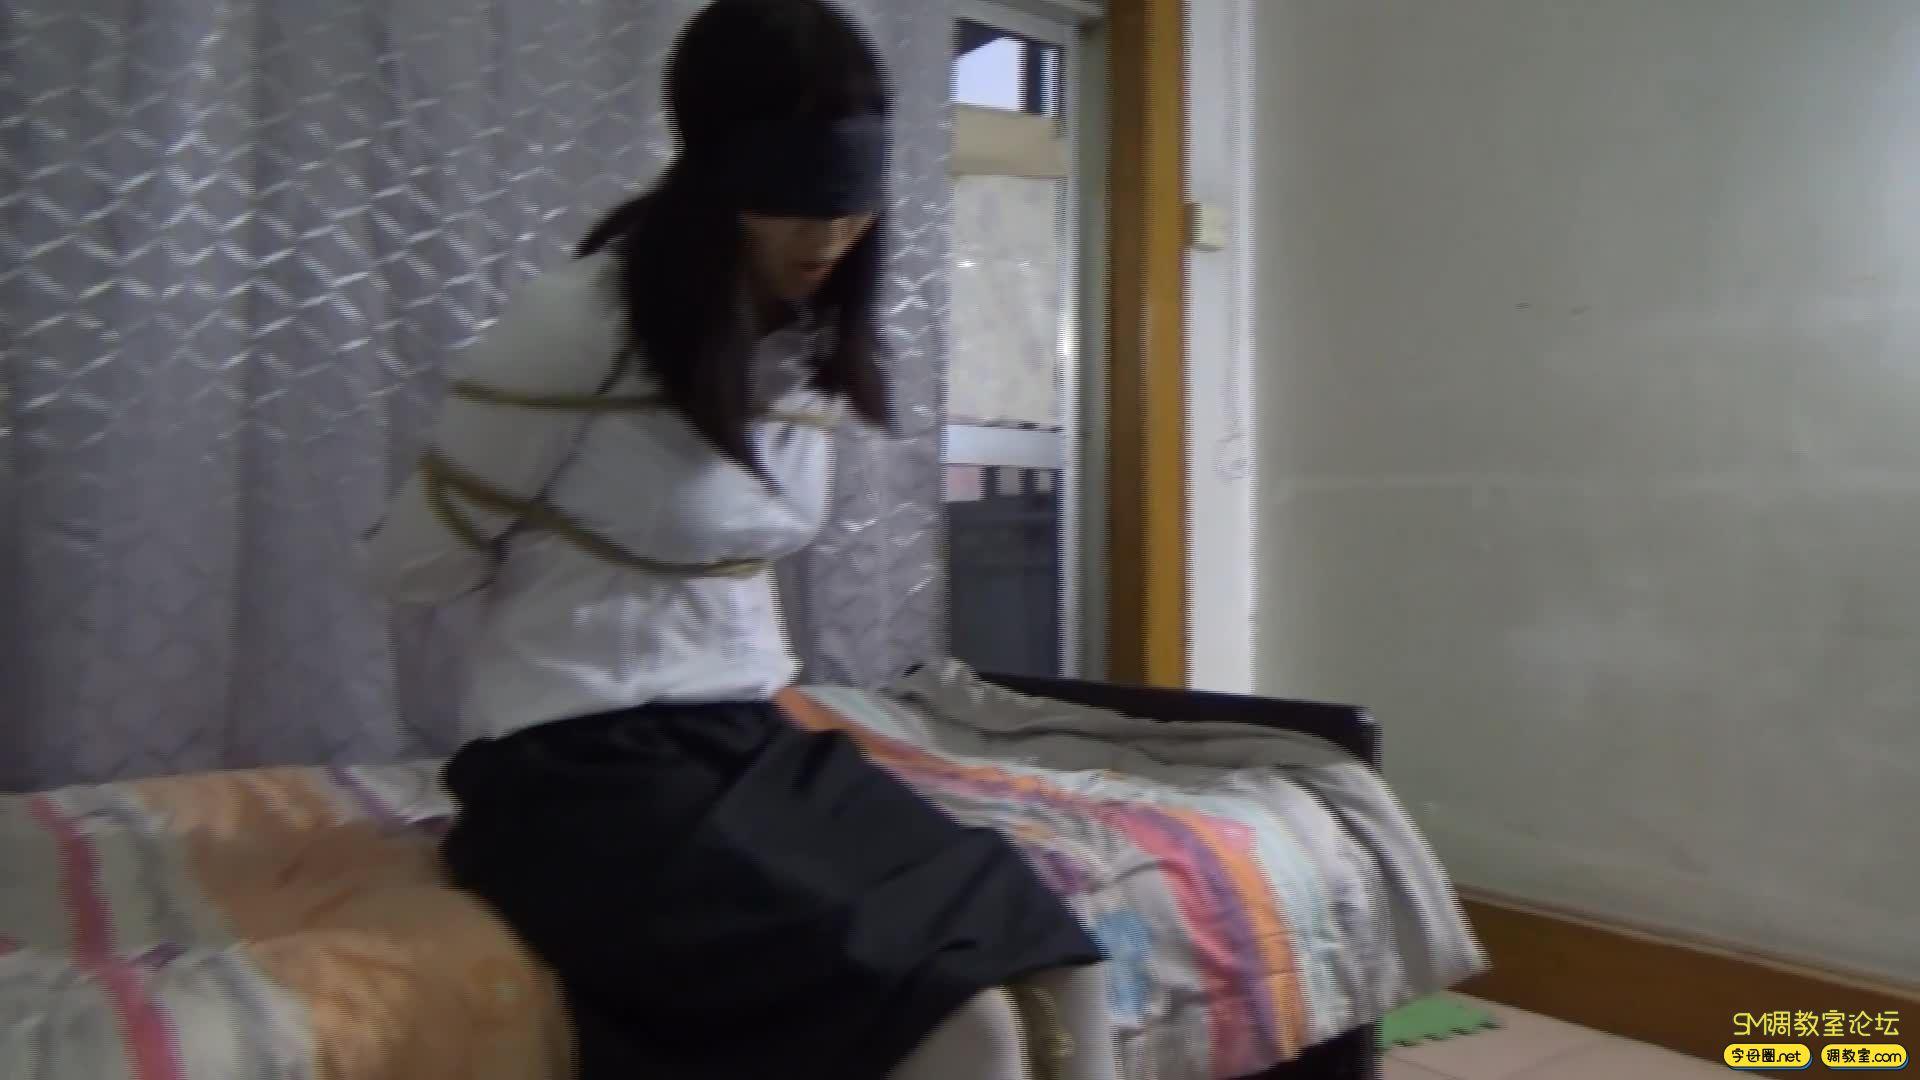 网友原创_兼职学生的业余捆绑,另一个妹子-视频截图2